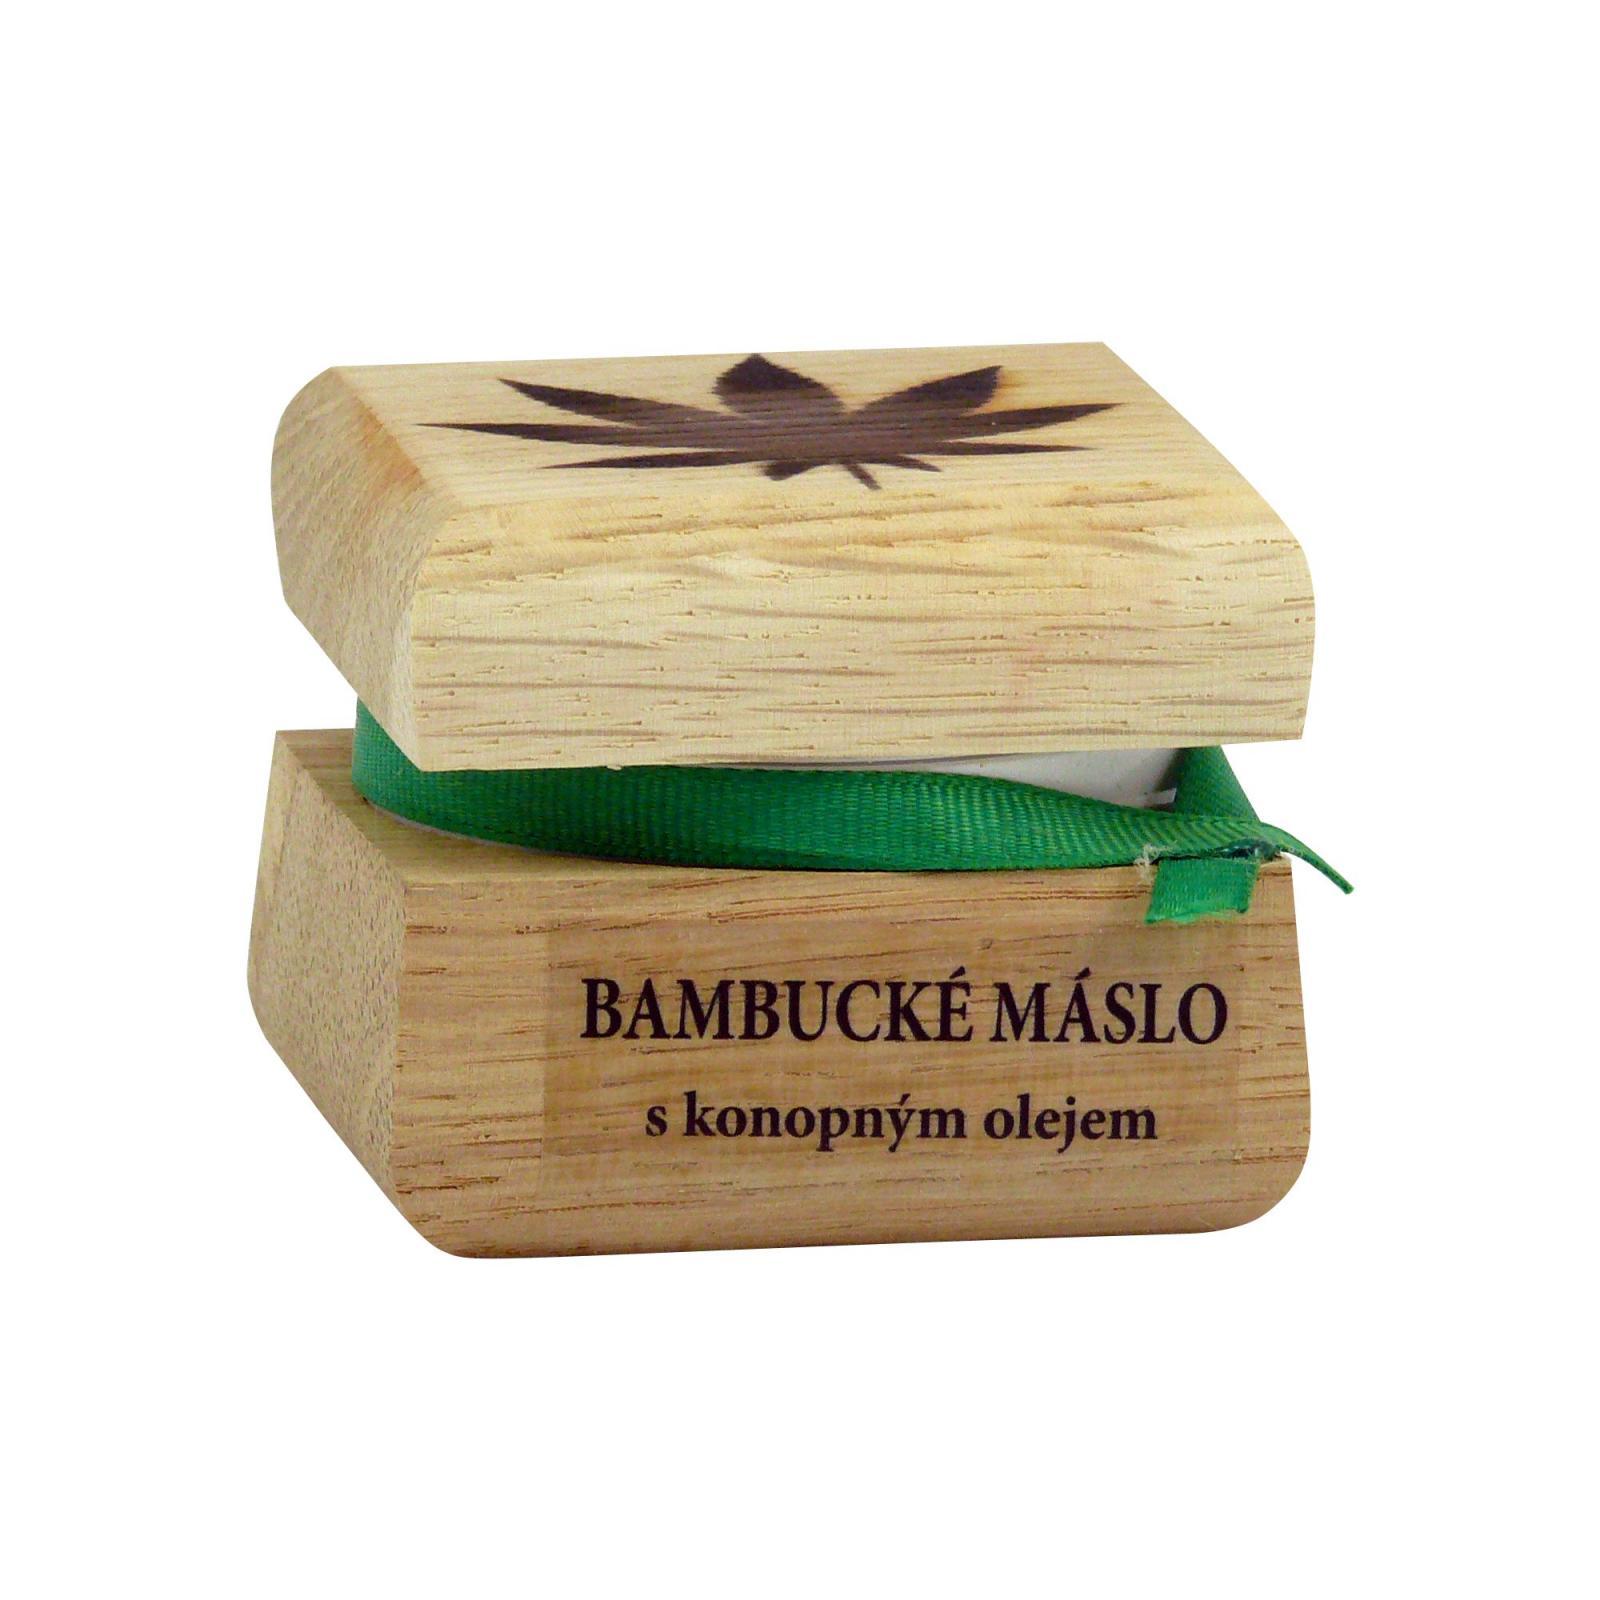 RaE Bambucké tělové máslo s konopným olejem 50 ml